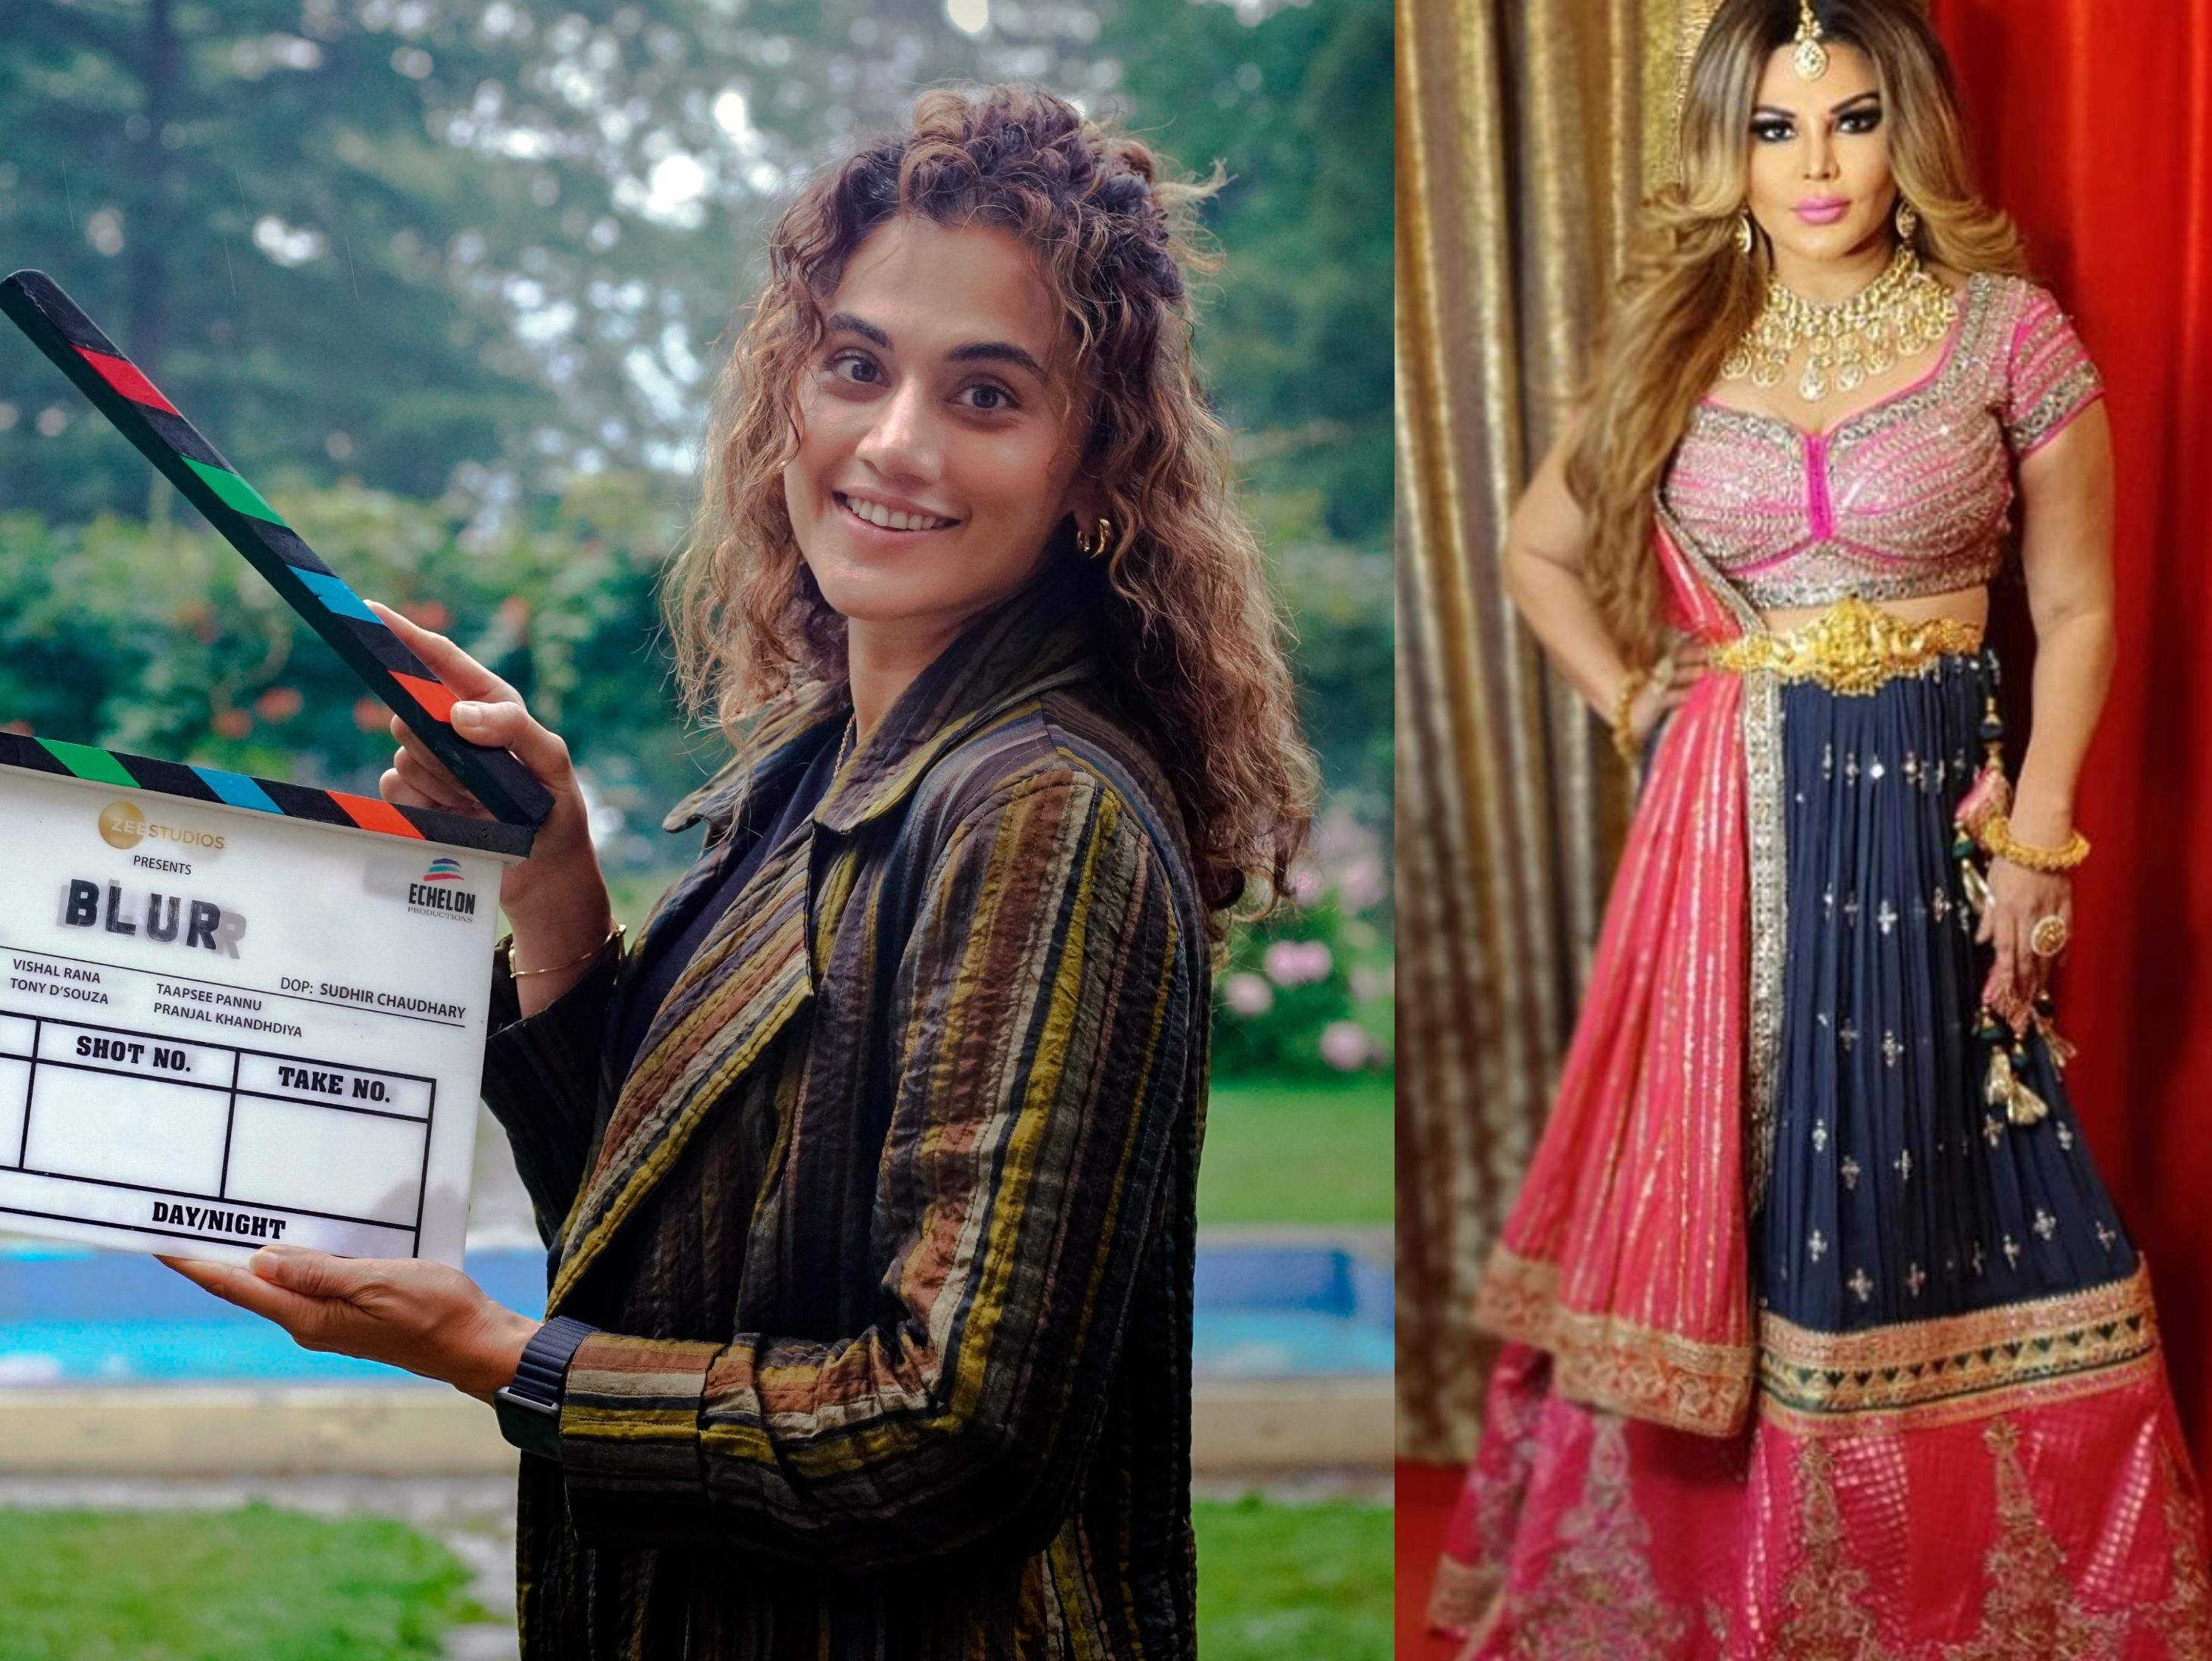 bollywood brief 19th july; Family Man 2 actress Priyamani came in support Kareena kapoor, Taapsee started shooting for Blurr | करीना ने मांगे थे 12 करोड़ तो सपोर्ट में आईं फैमली मैन 2 की एक्ट्रेस प्रियमणि, तापसी ने शुरू की ब्लर की शूटिंग